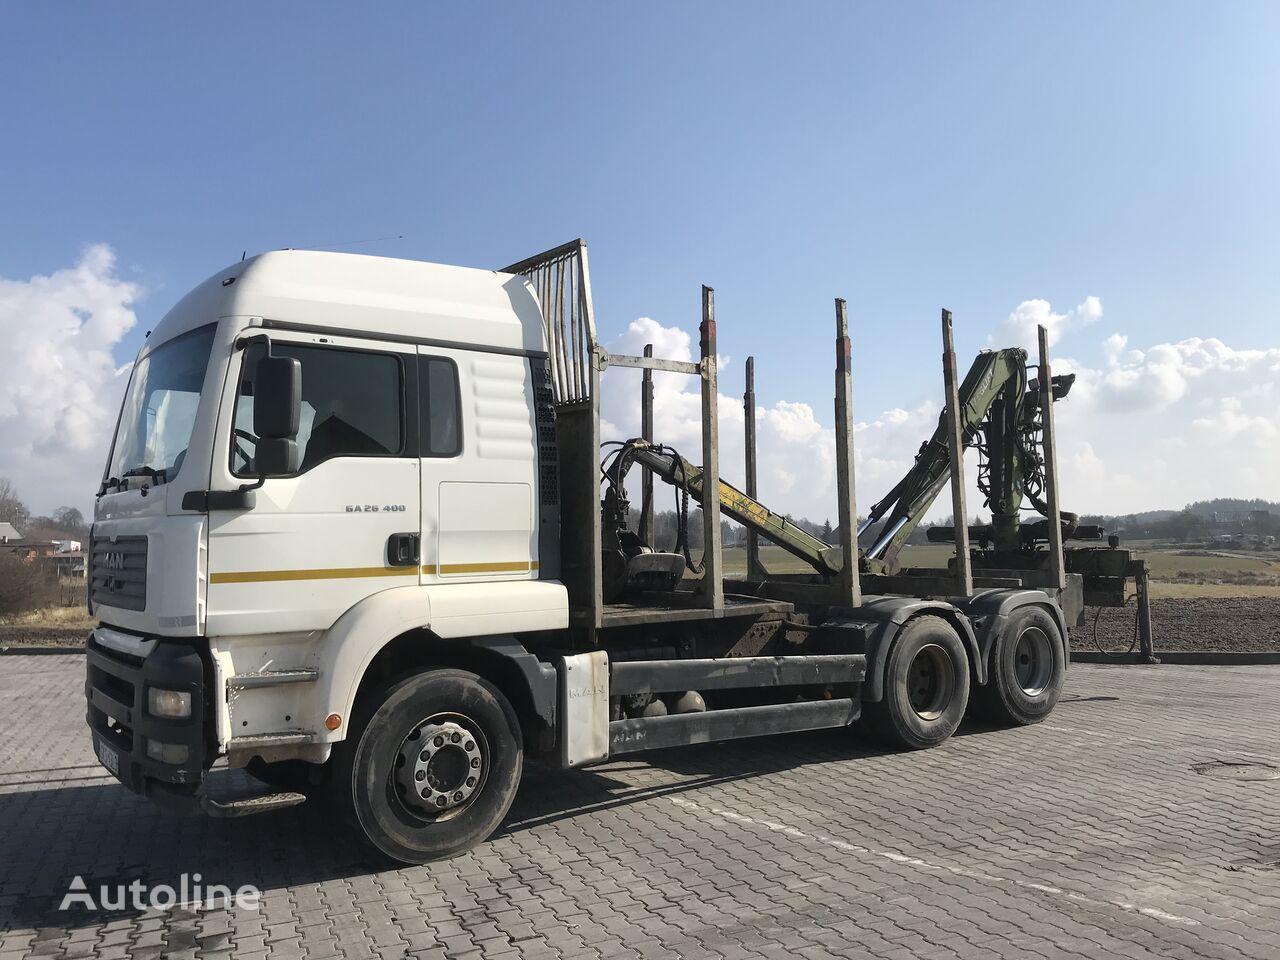 MAN Tga 26.400  timber truck